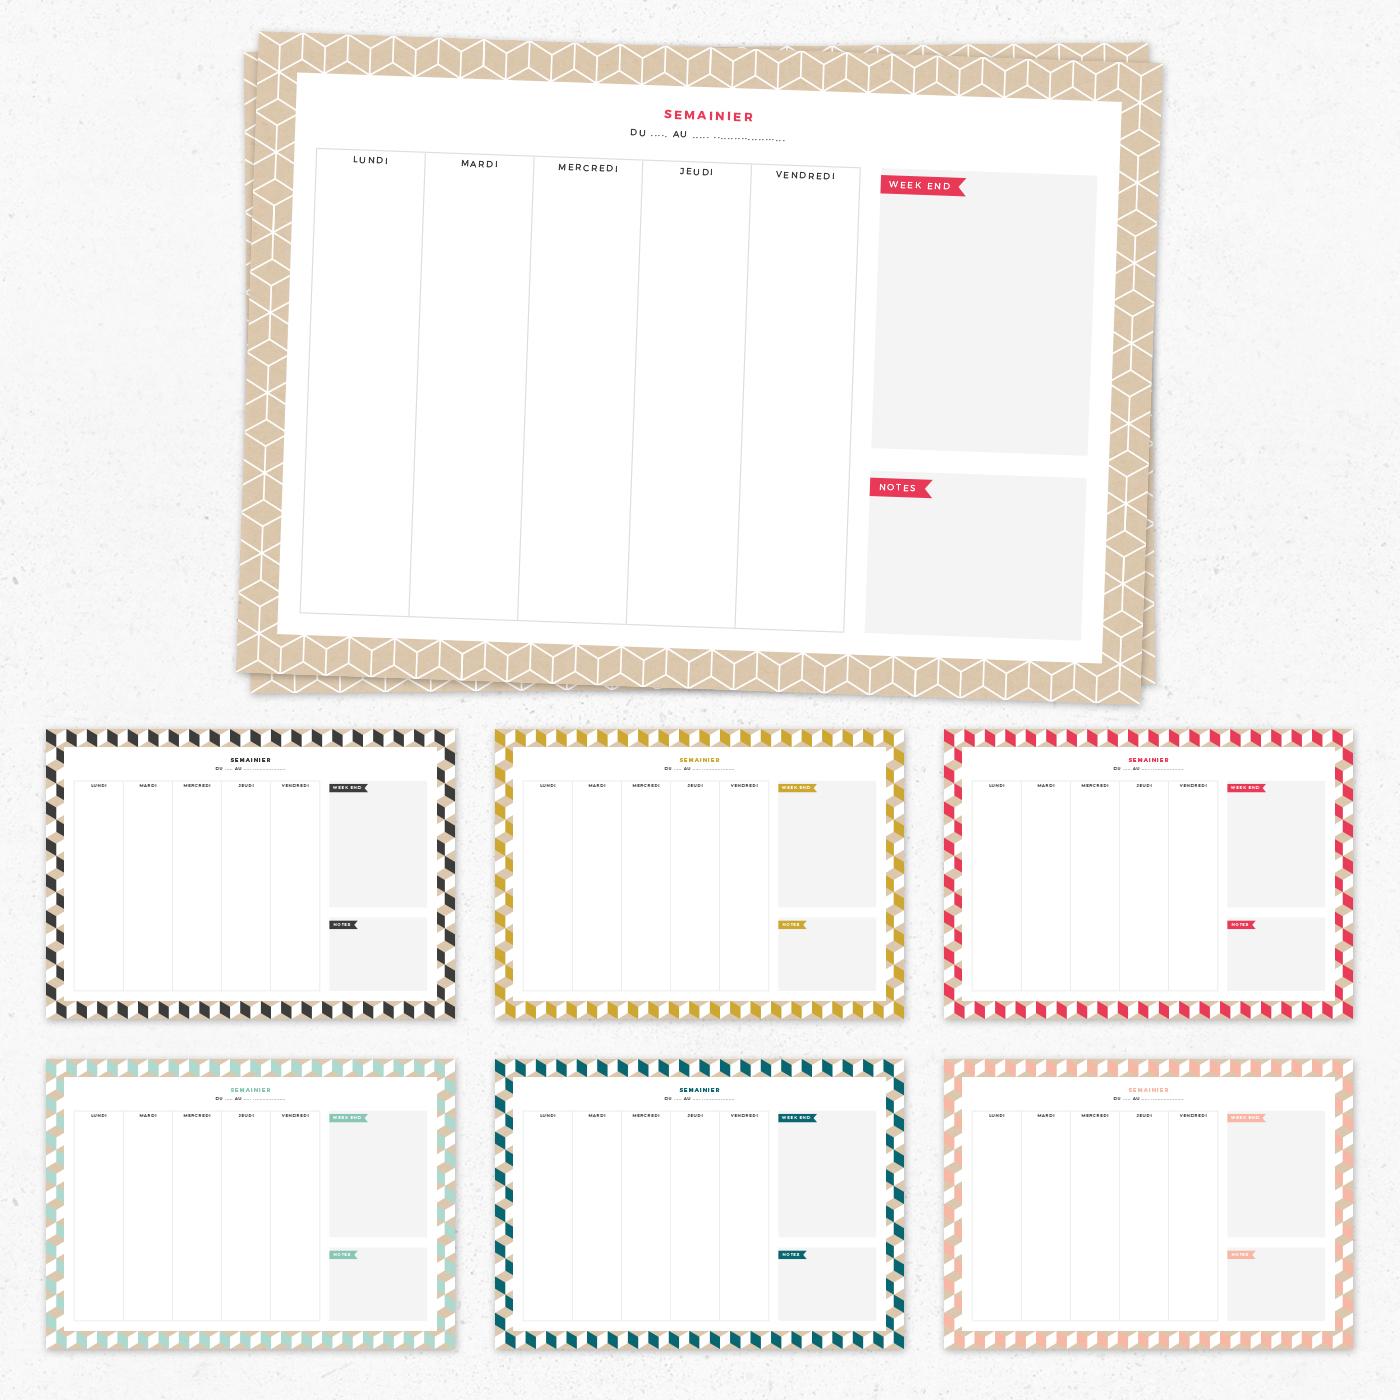 semainier-a4-a-imprimer-free-printable